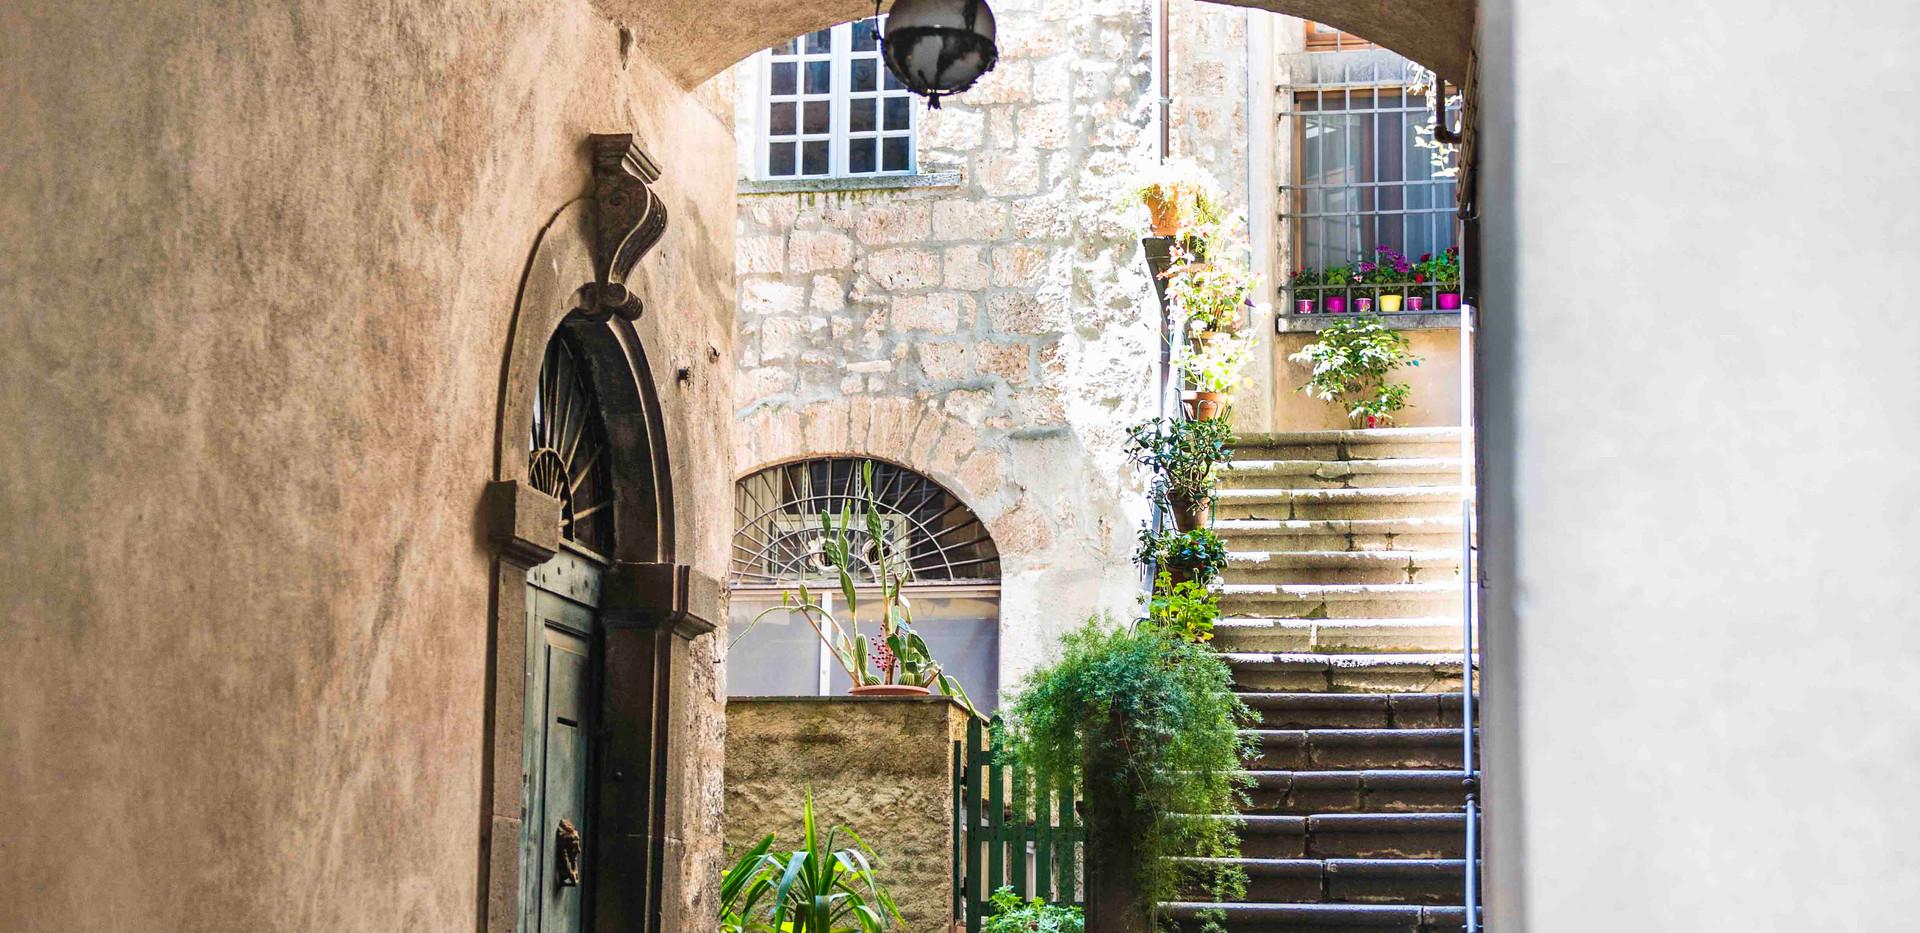 Orvietta walkway